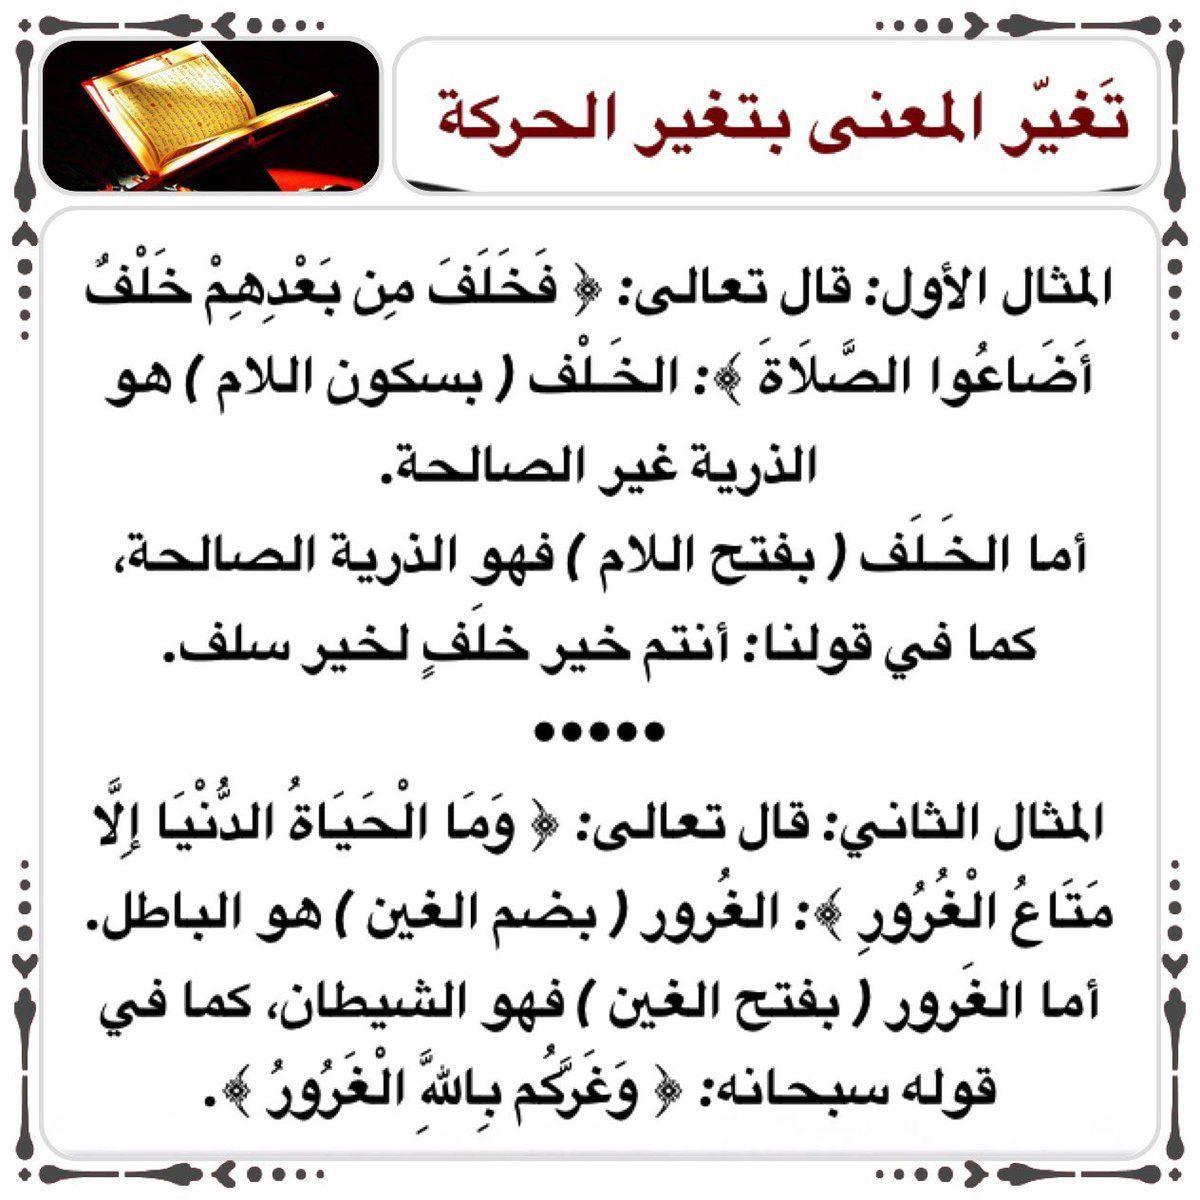 تغير الحركة يغير المعنى الغرور Language Math Arabic